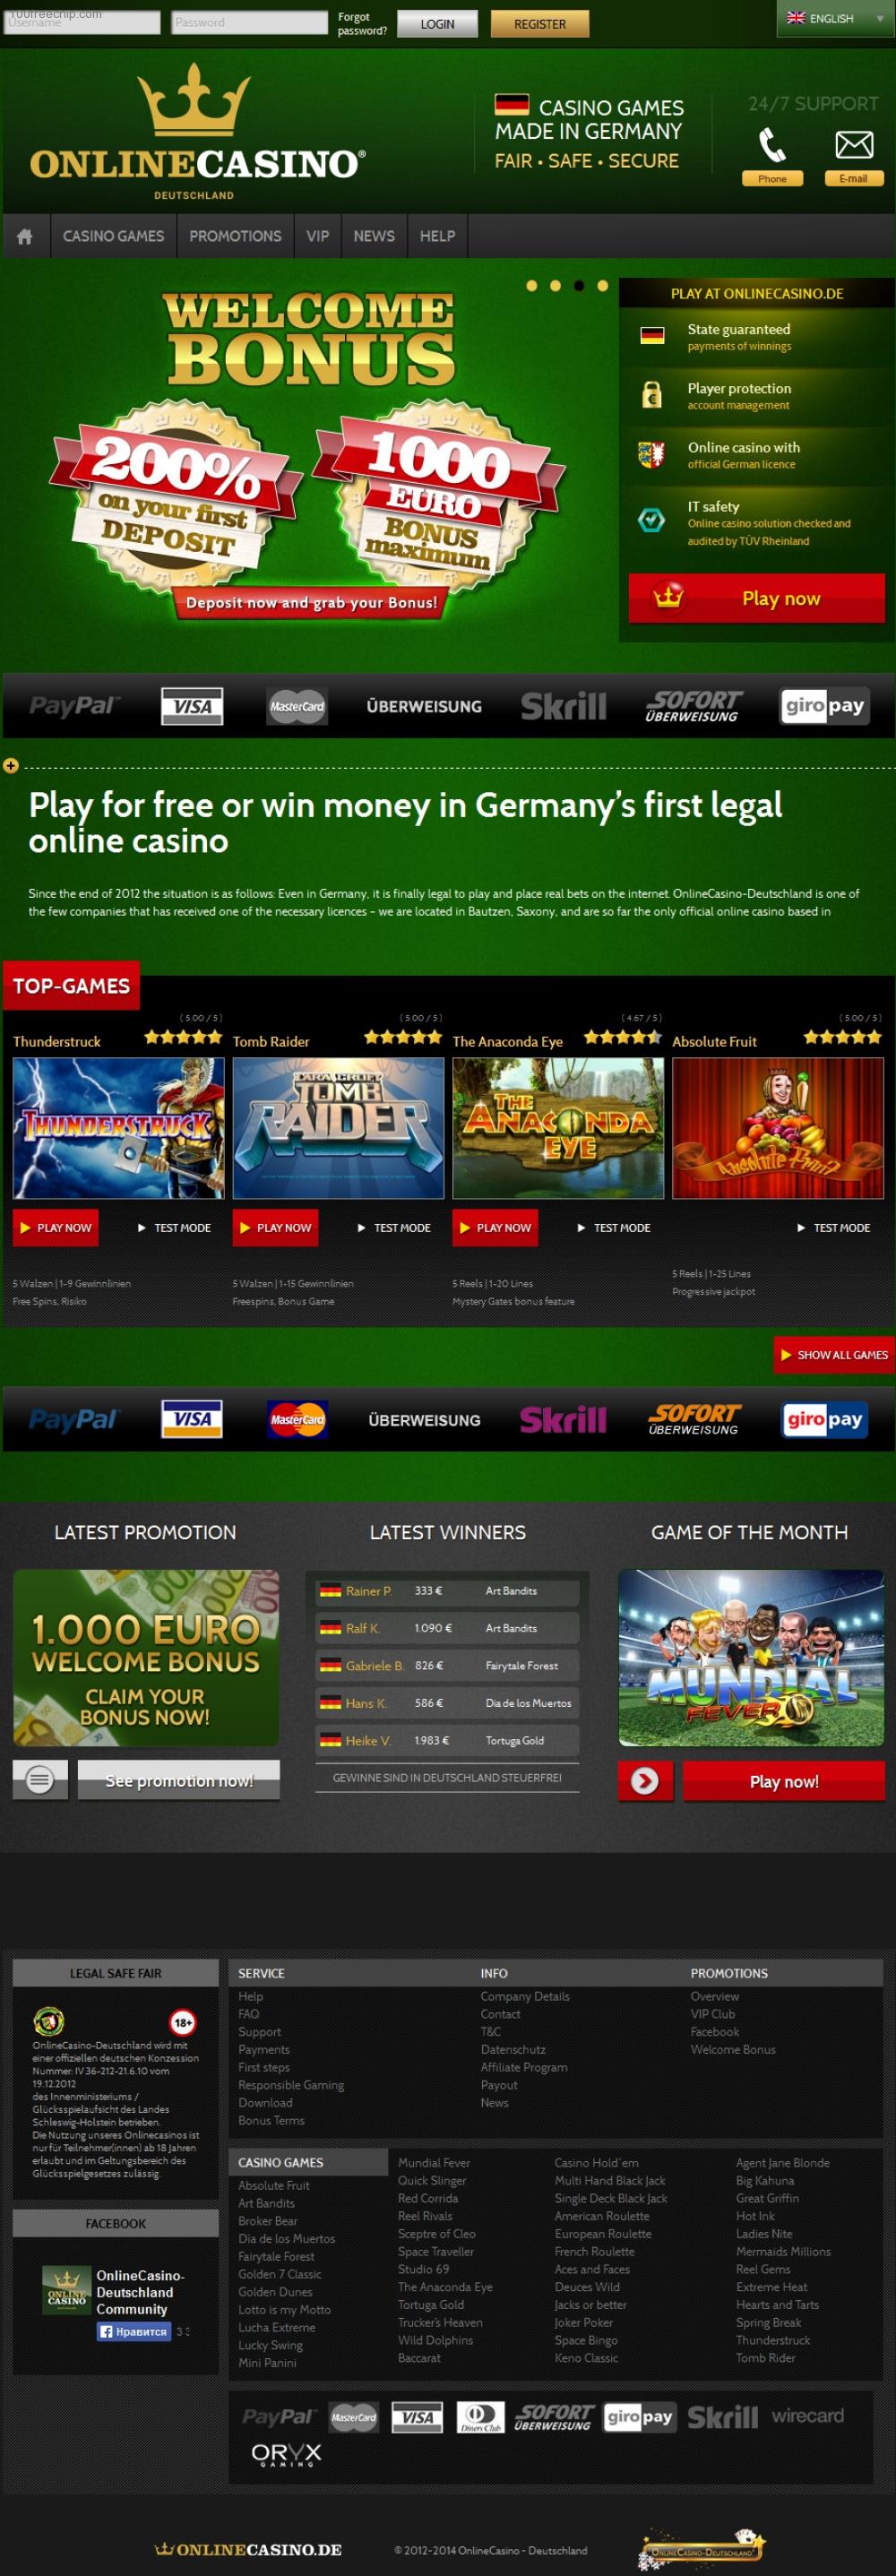 prism online casino no deposit bonus code